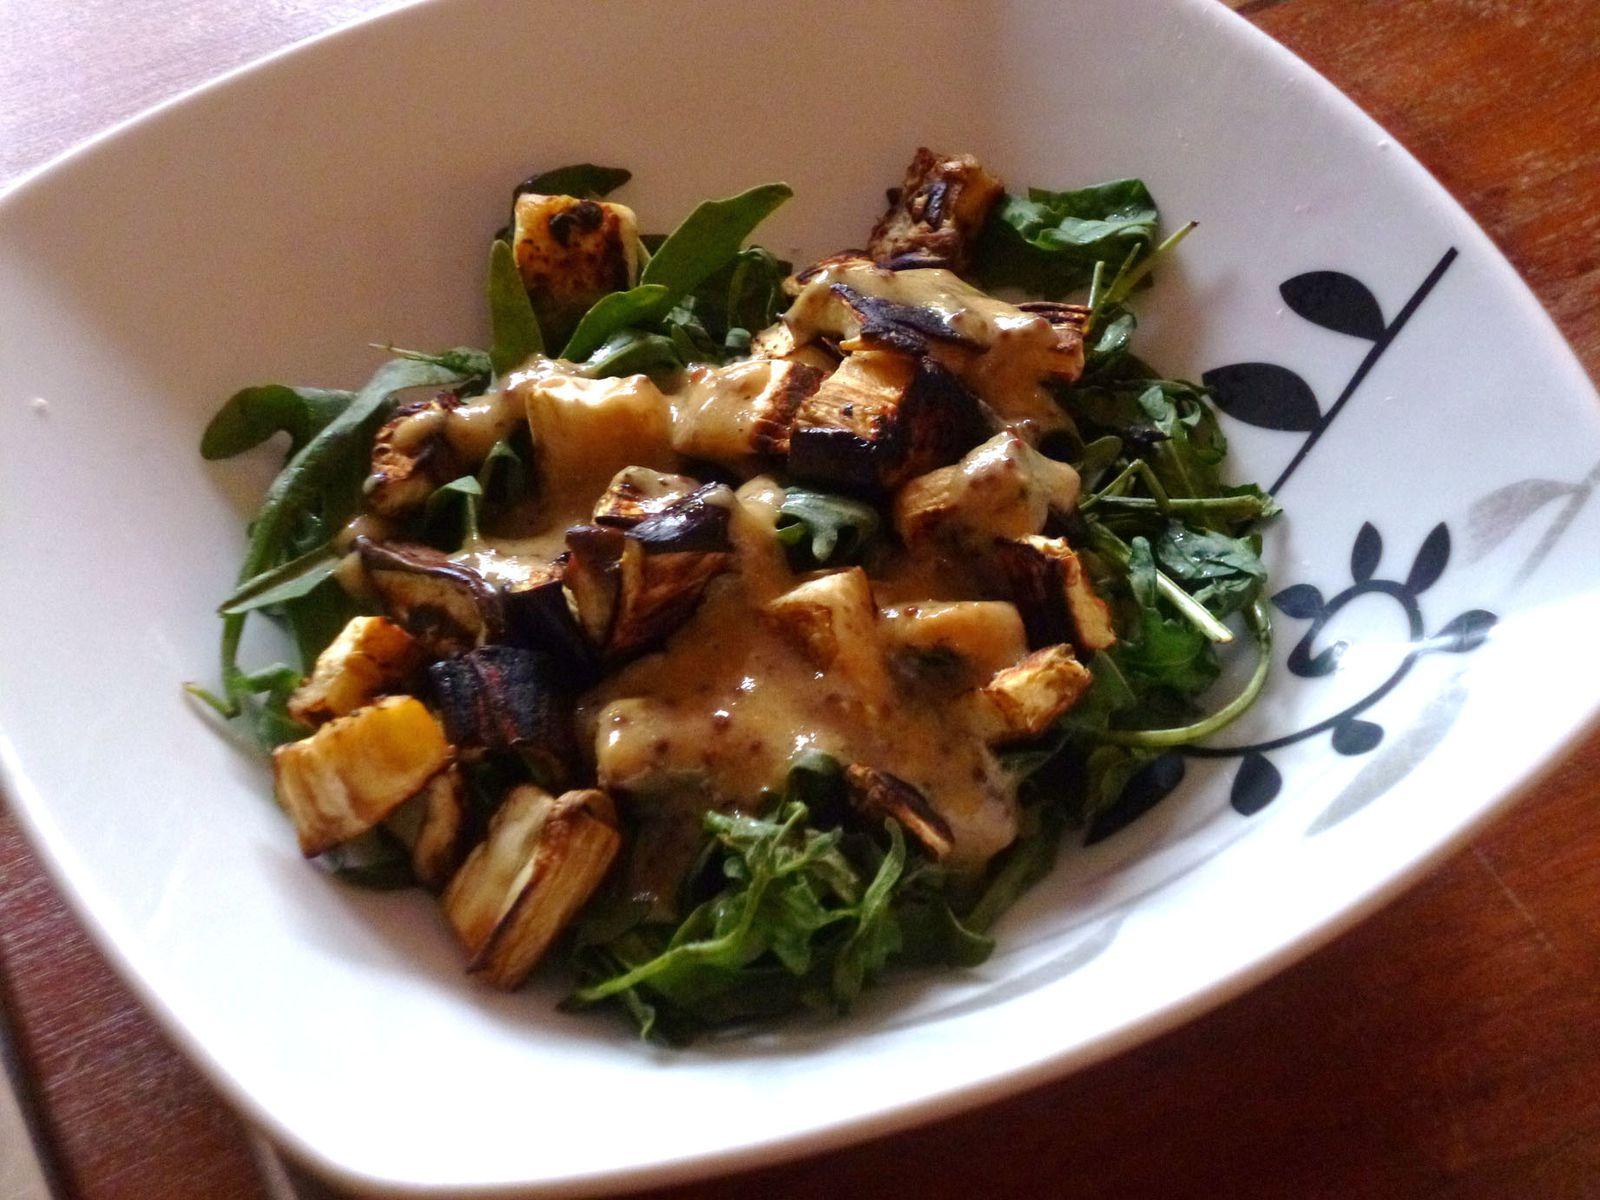 Salade chaude aubergine grillée et sauce moutarde